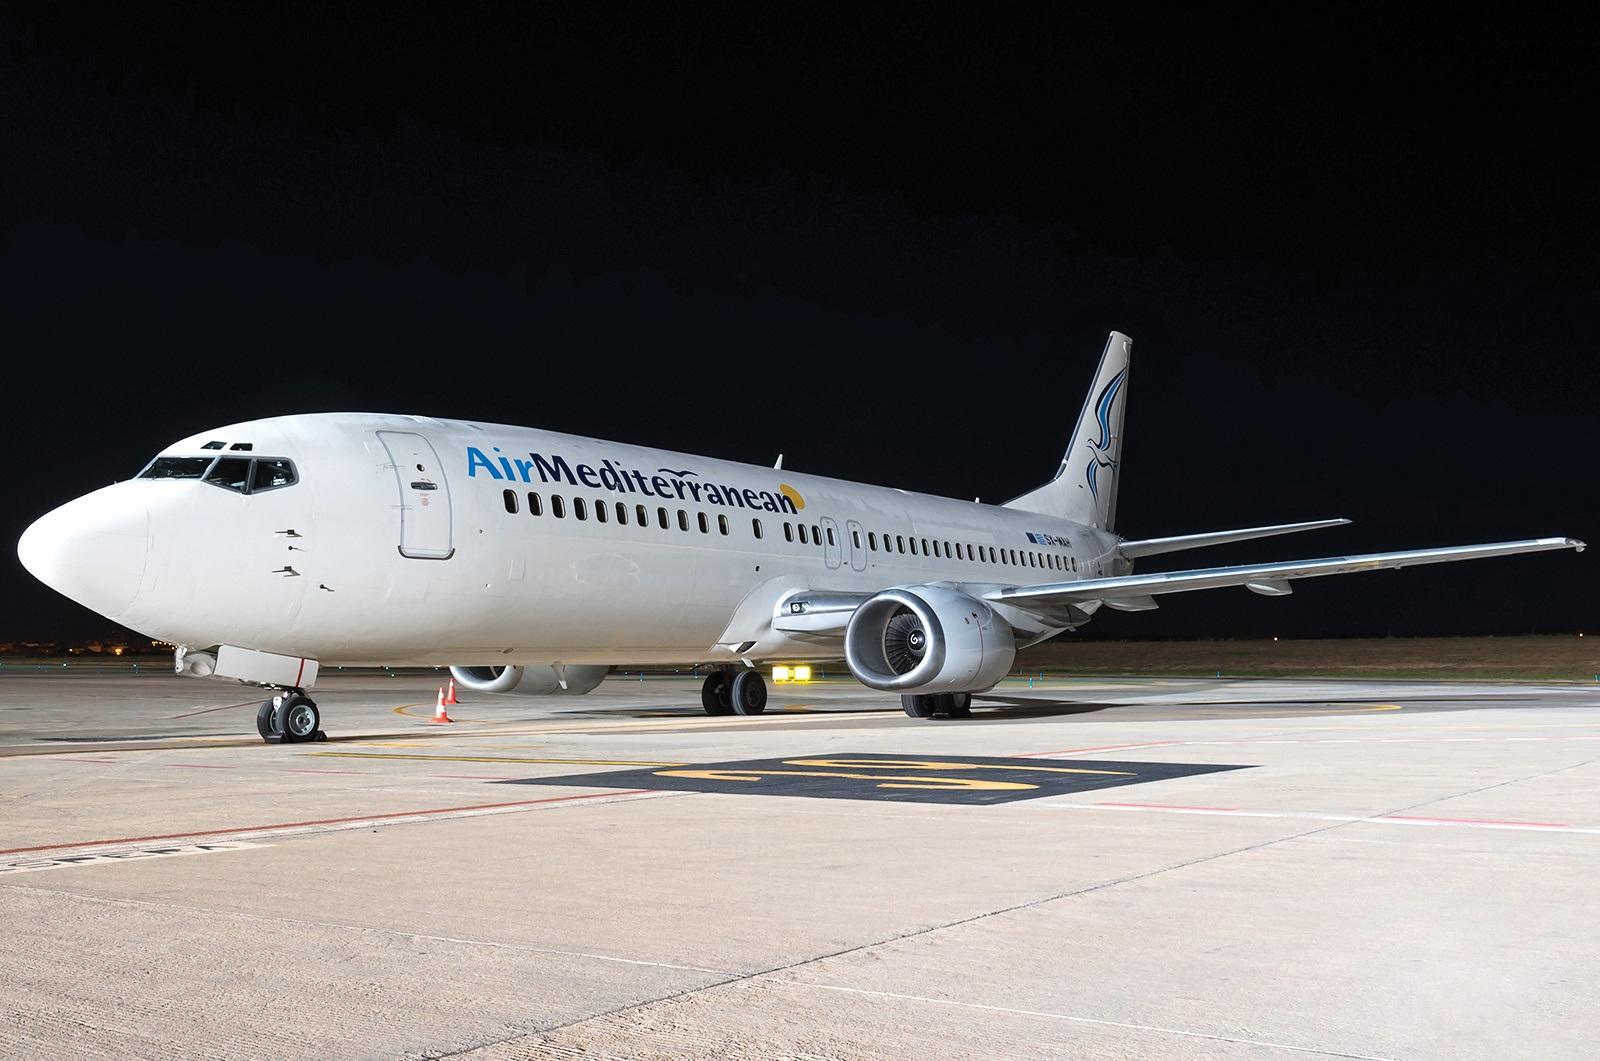 Самолет Air Mediterranean перед выполнением ночного рейса